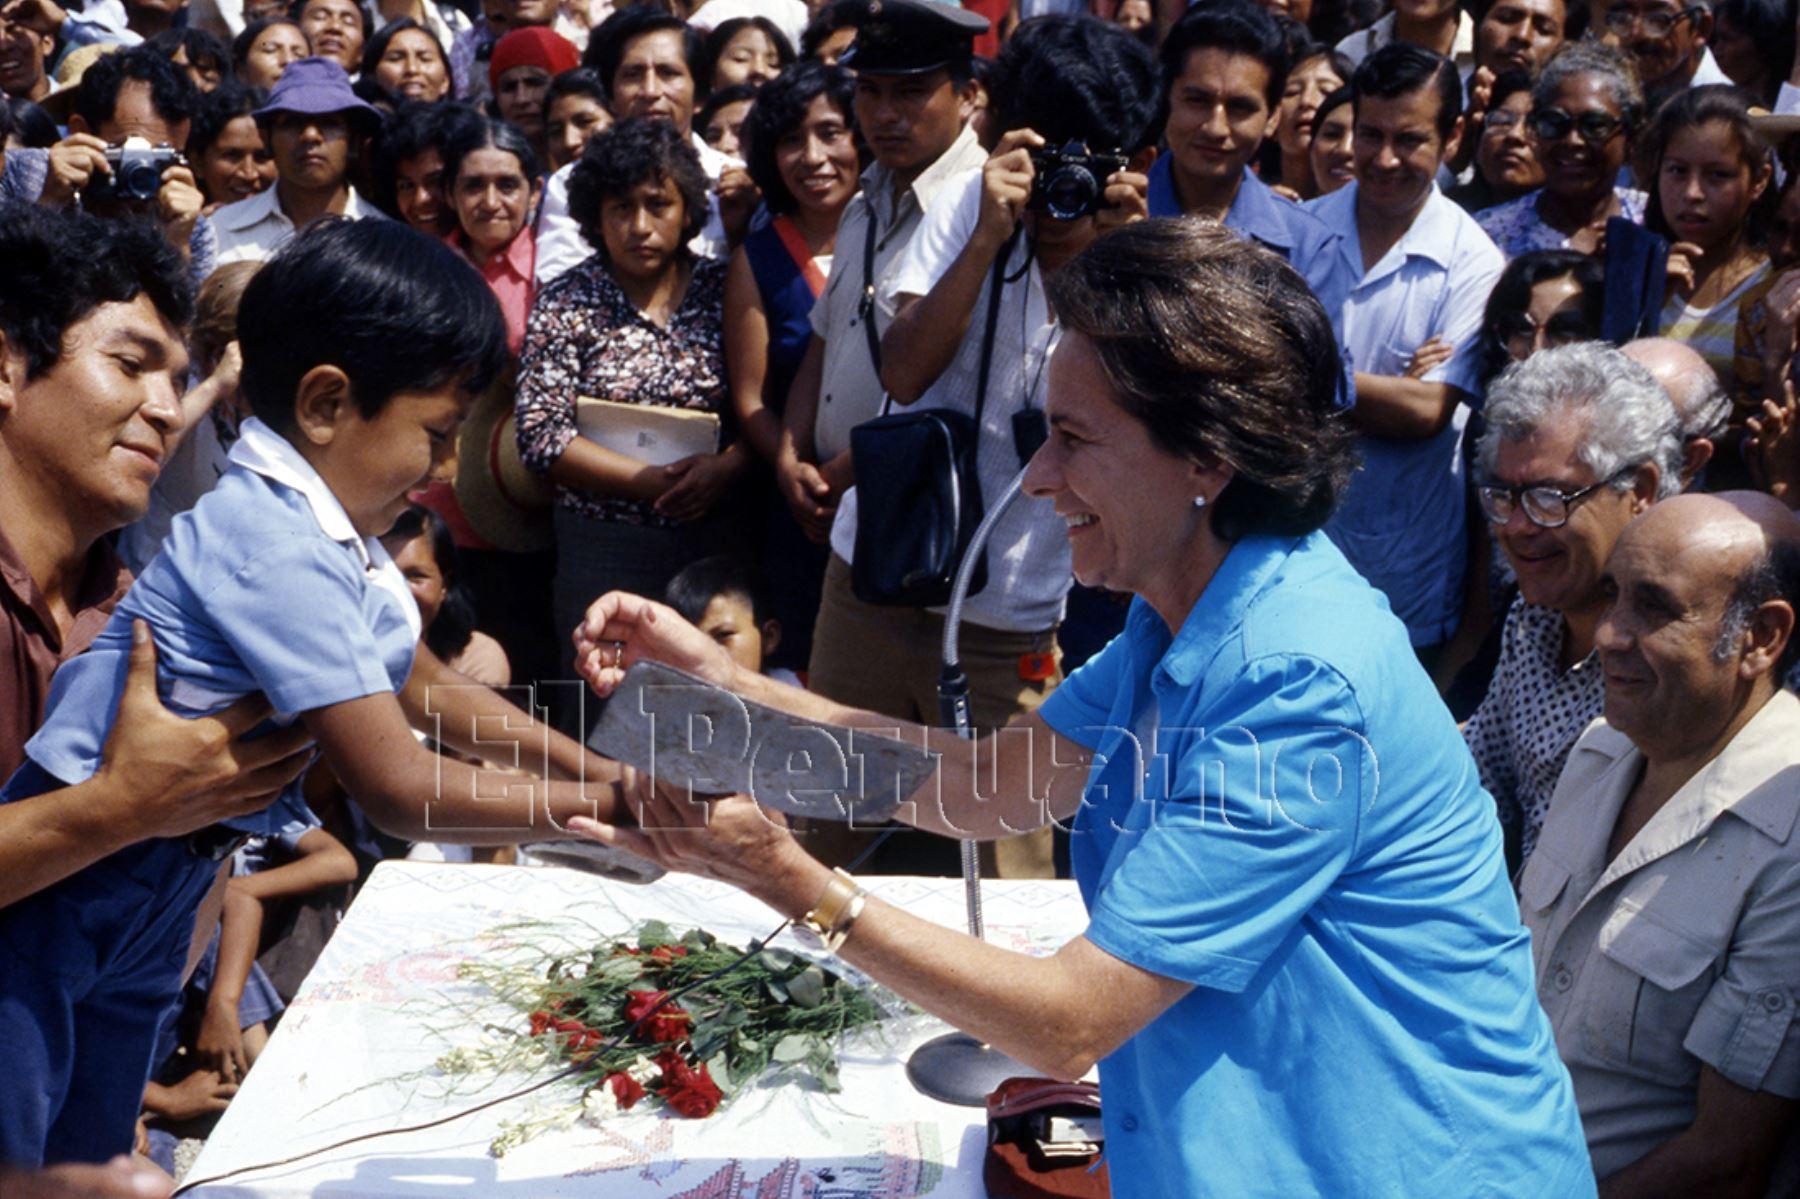 1982. Violeta Correa de Belaunde, Primera Dama de la Nación, durante una actividad en un pueblo joven de la capital. La esposa del presidente Belaunde destacó por su activismo social.